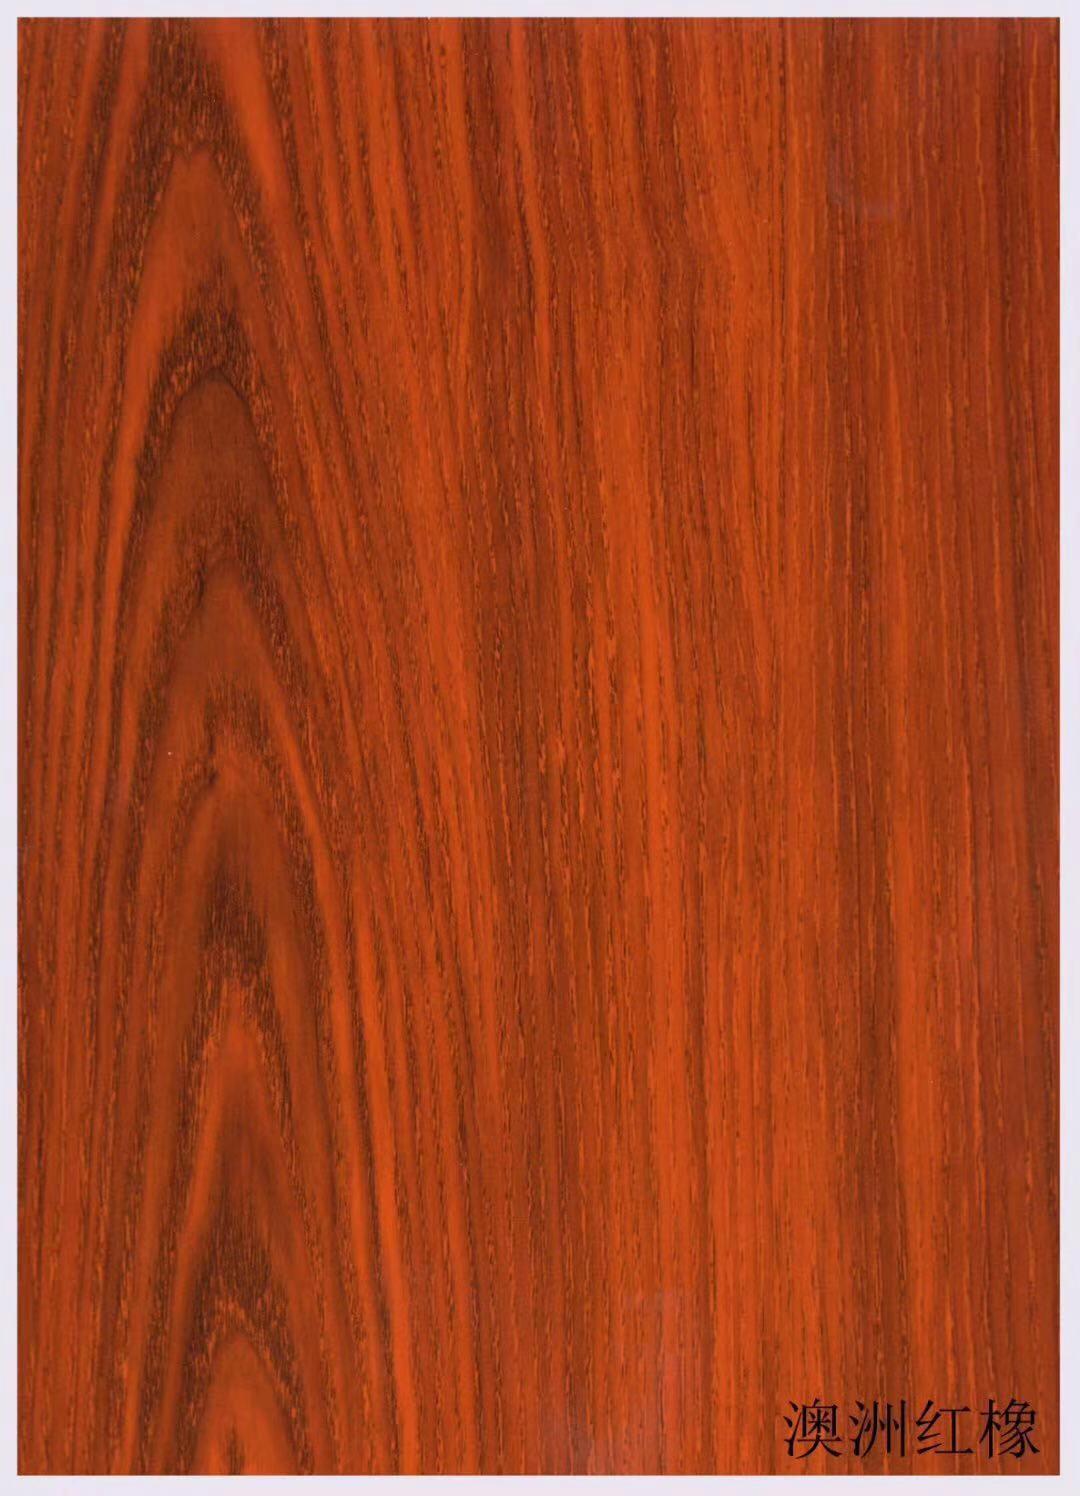 高比拉絲不鏽鋼熱轉印白木紋 5